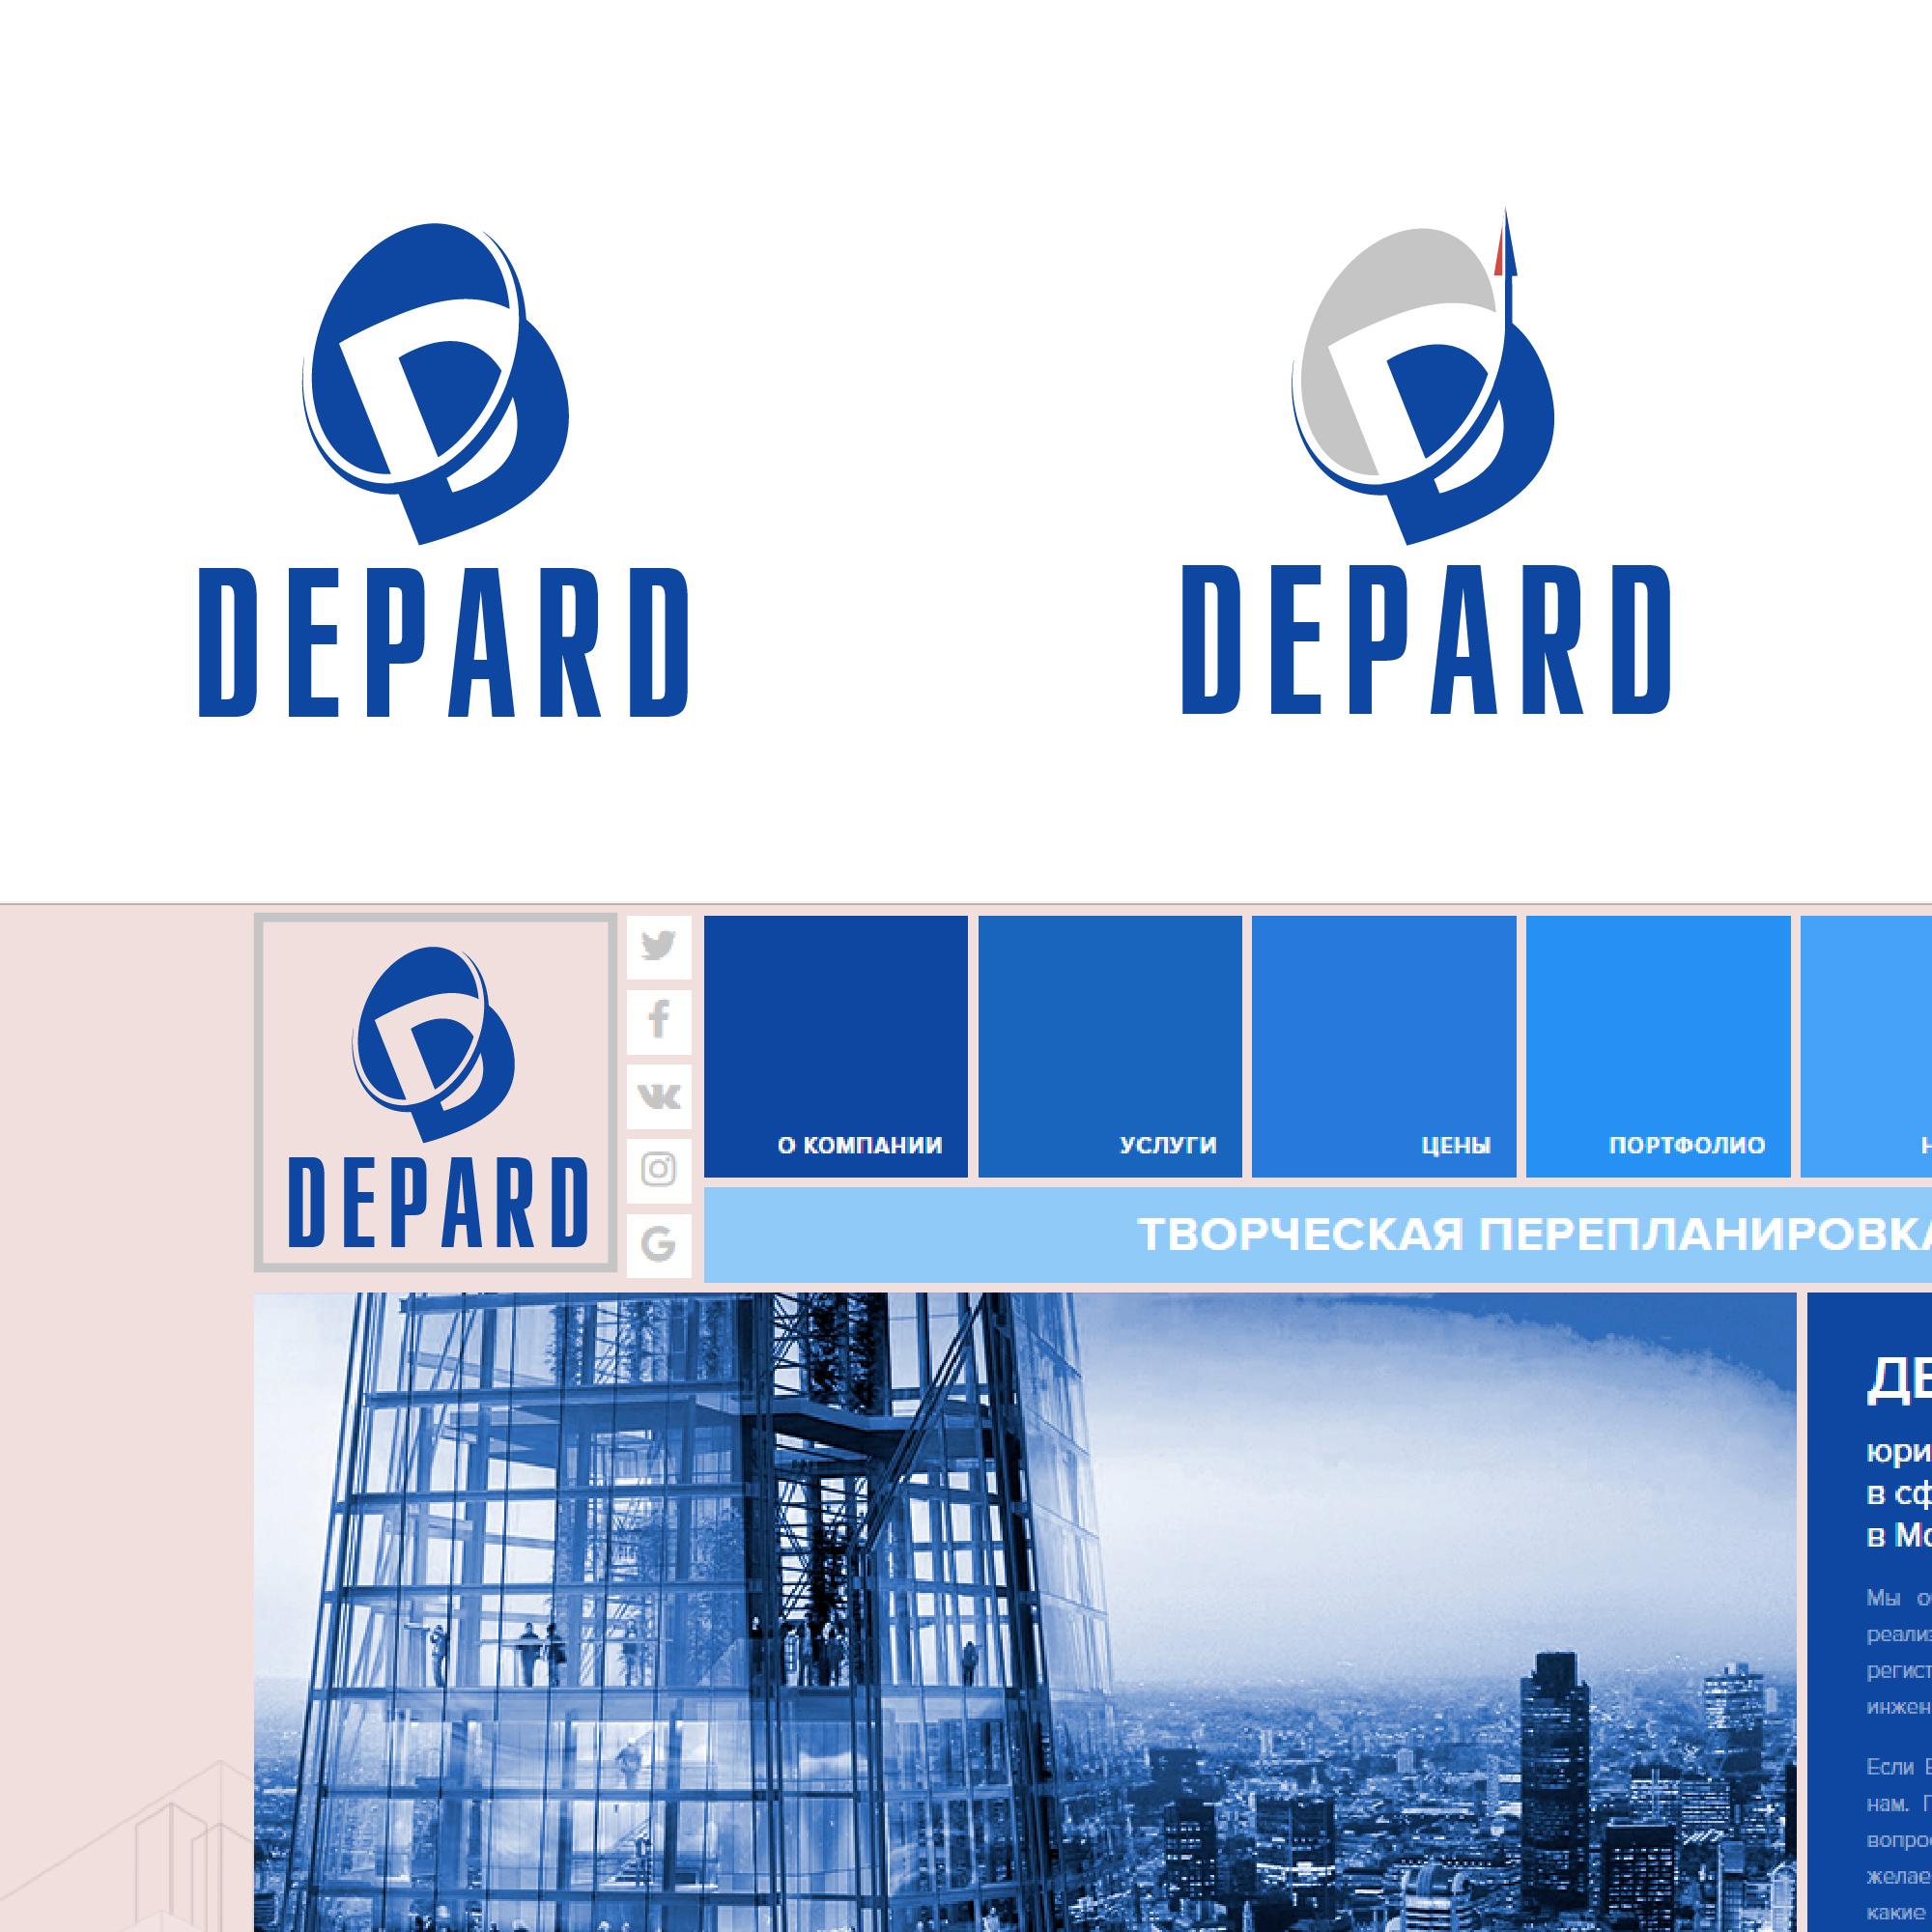 Логотип для компании (услуги недвижимость) фото f_291593279ee3c5a6.jpg